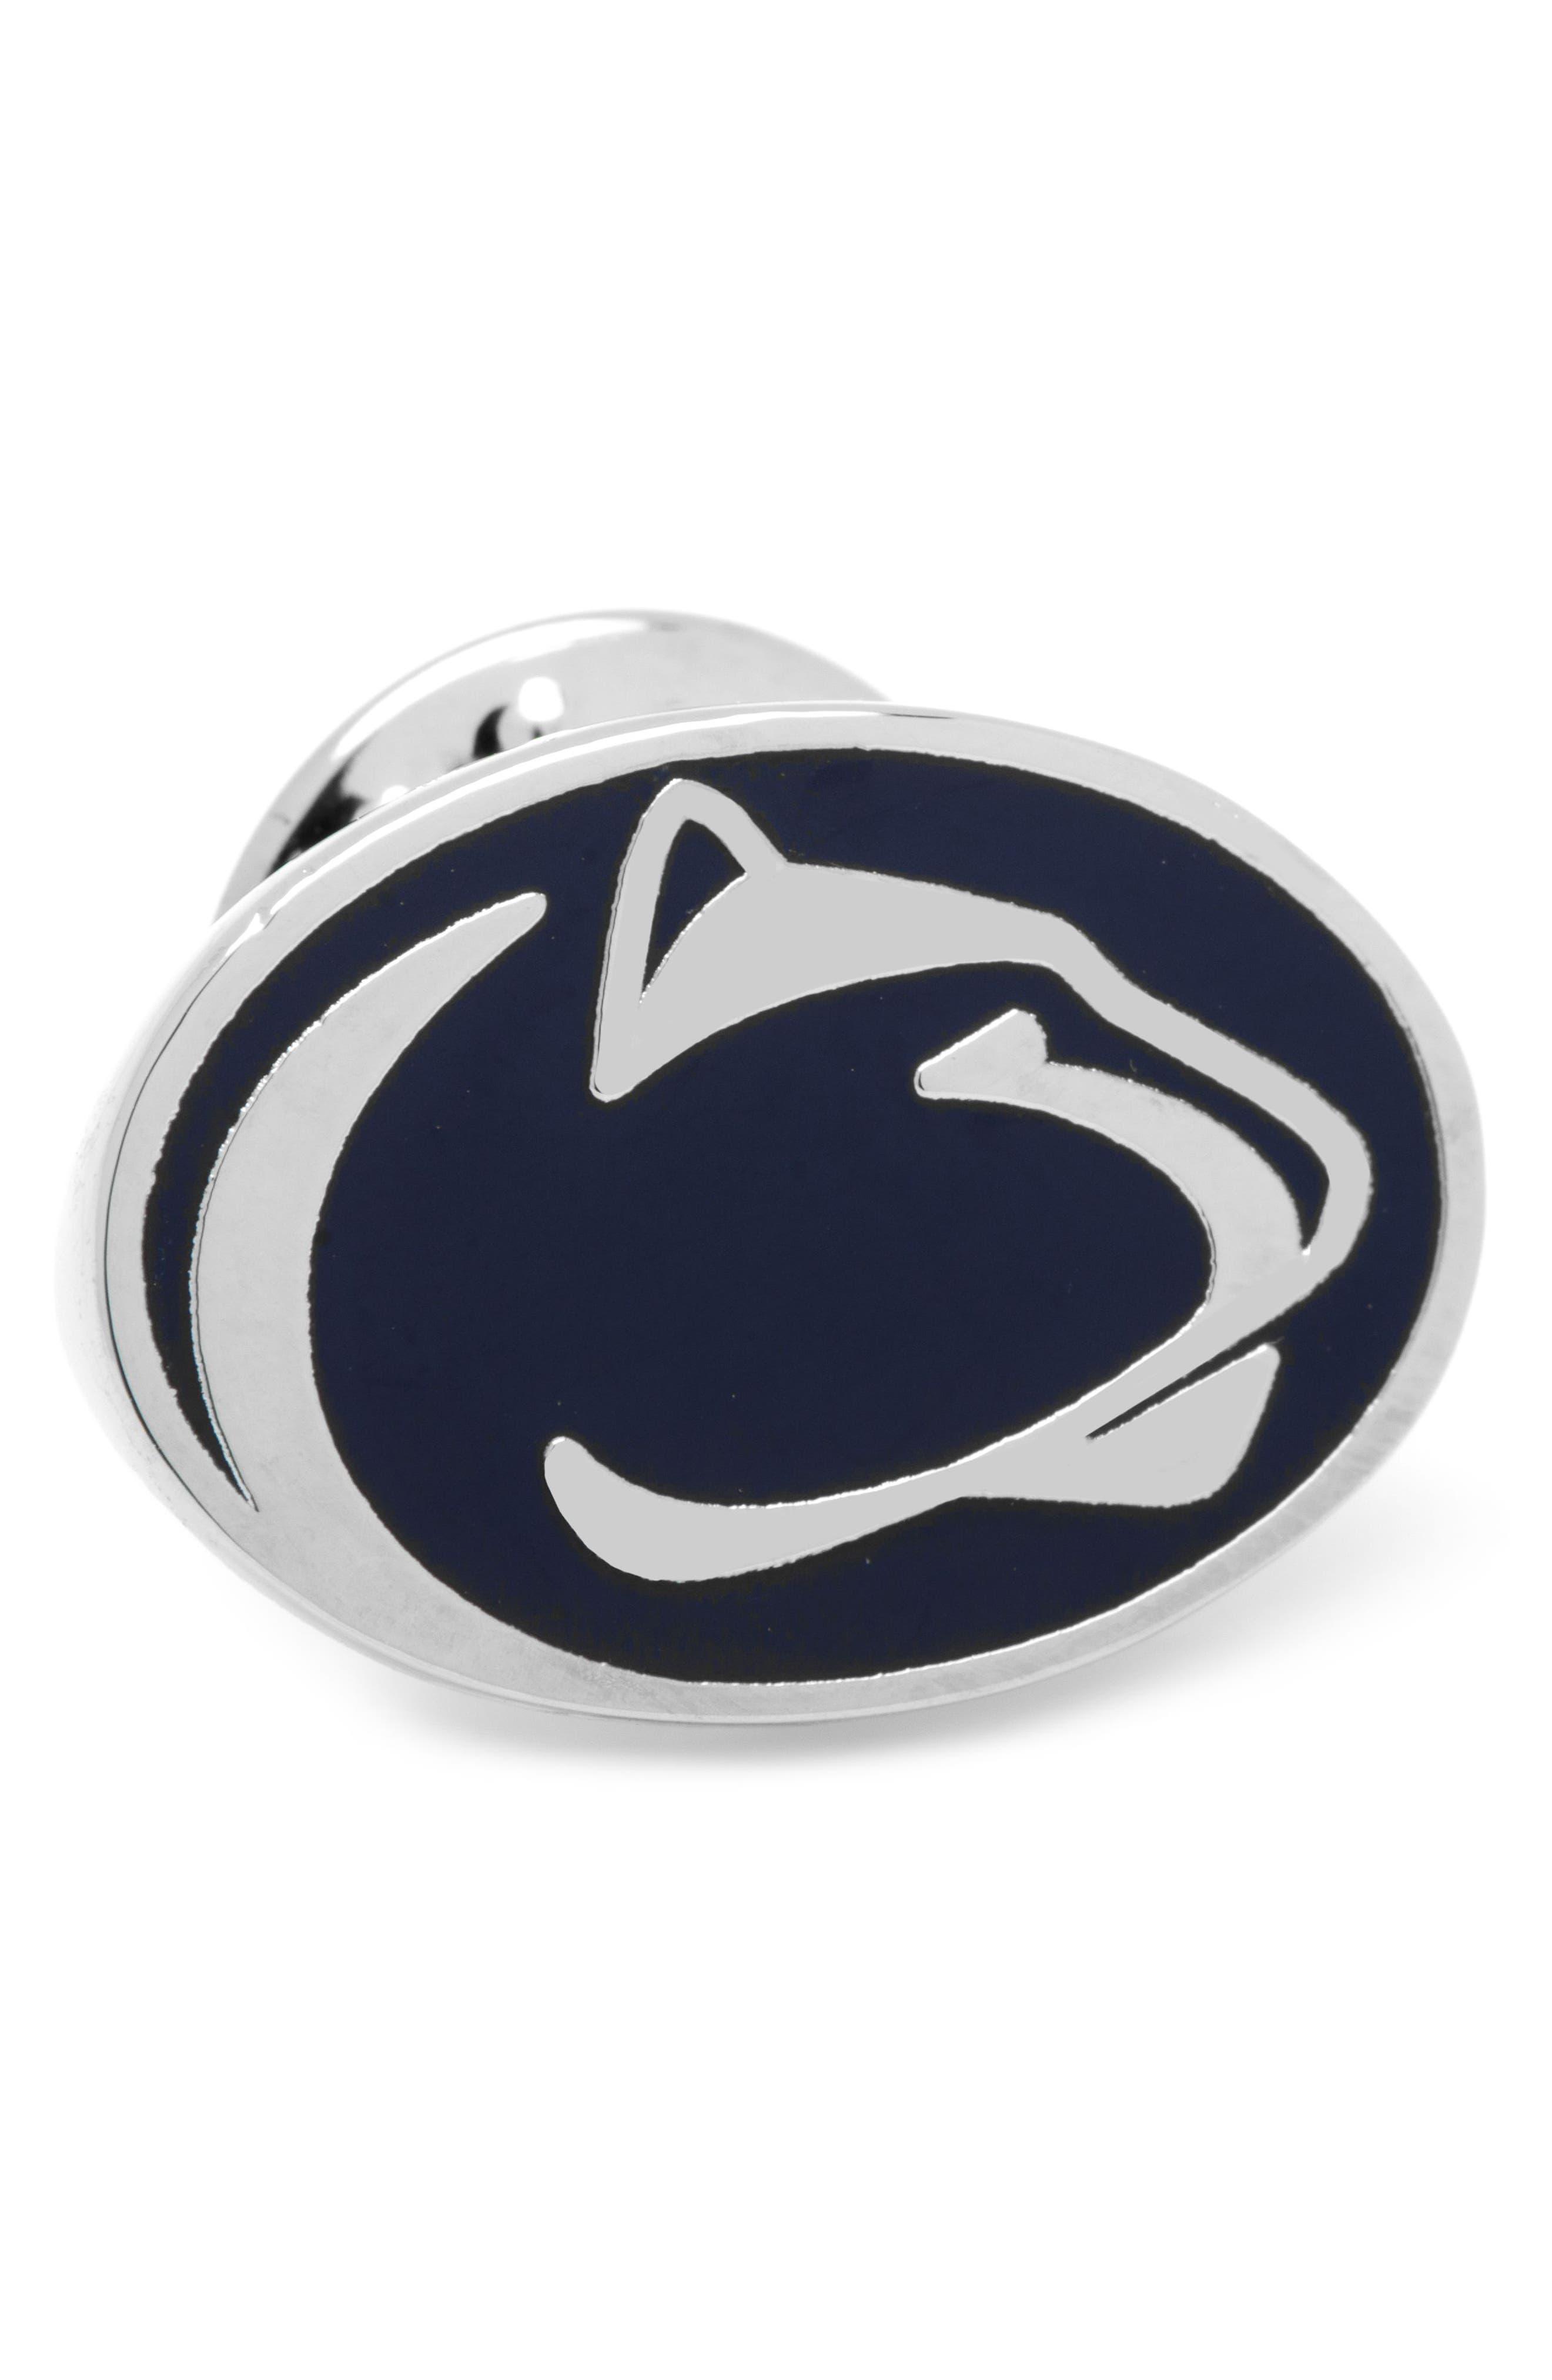 Penn State University Nittany Lions Lapel Pin,                             Main thumbnail 1, color,                             BLUE